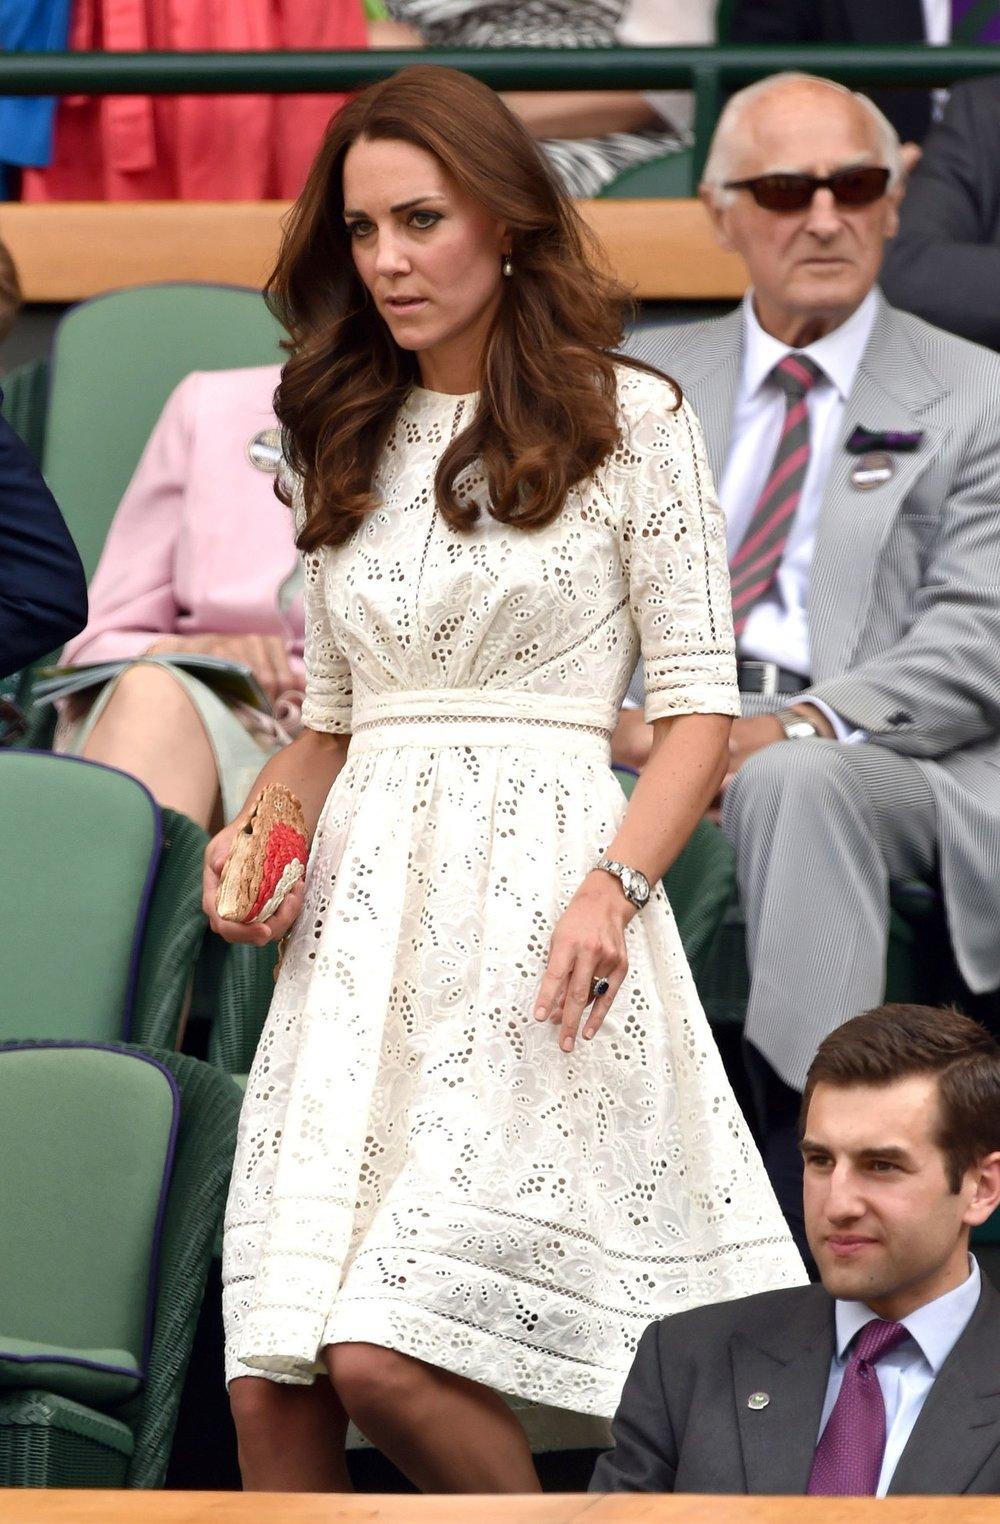 fashion-2014-07-kate-middleton-white-zimmermann-dress-wimbledon-2014-main.jpg